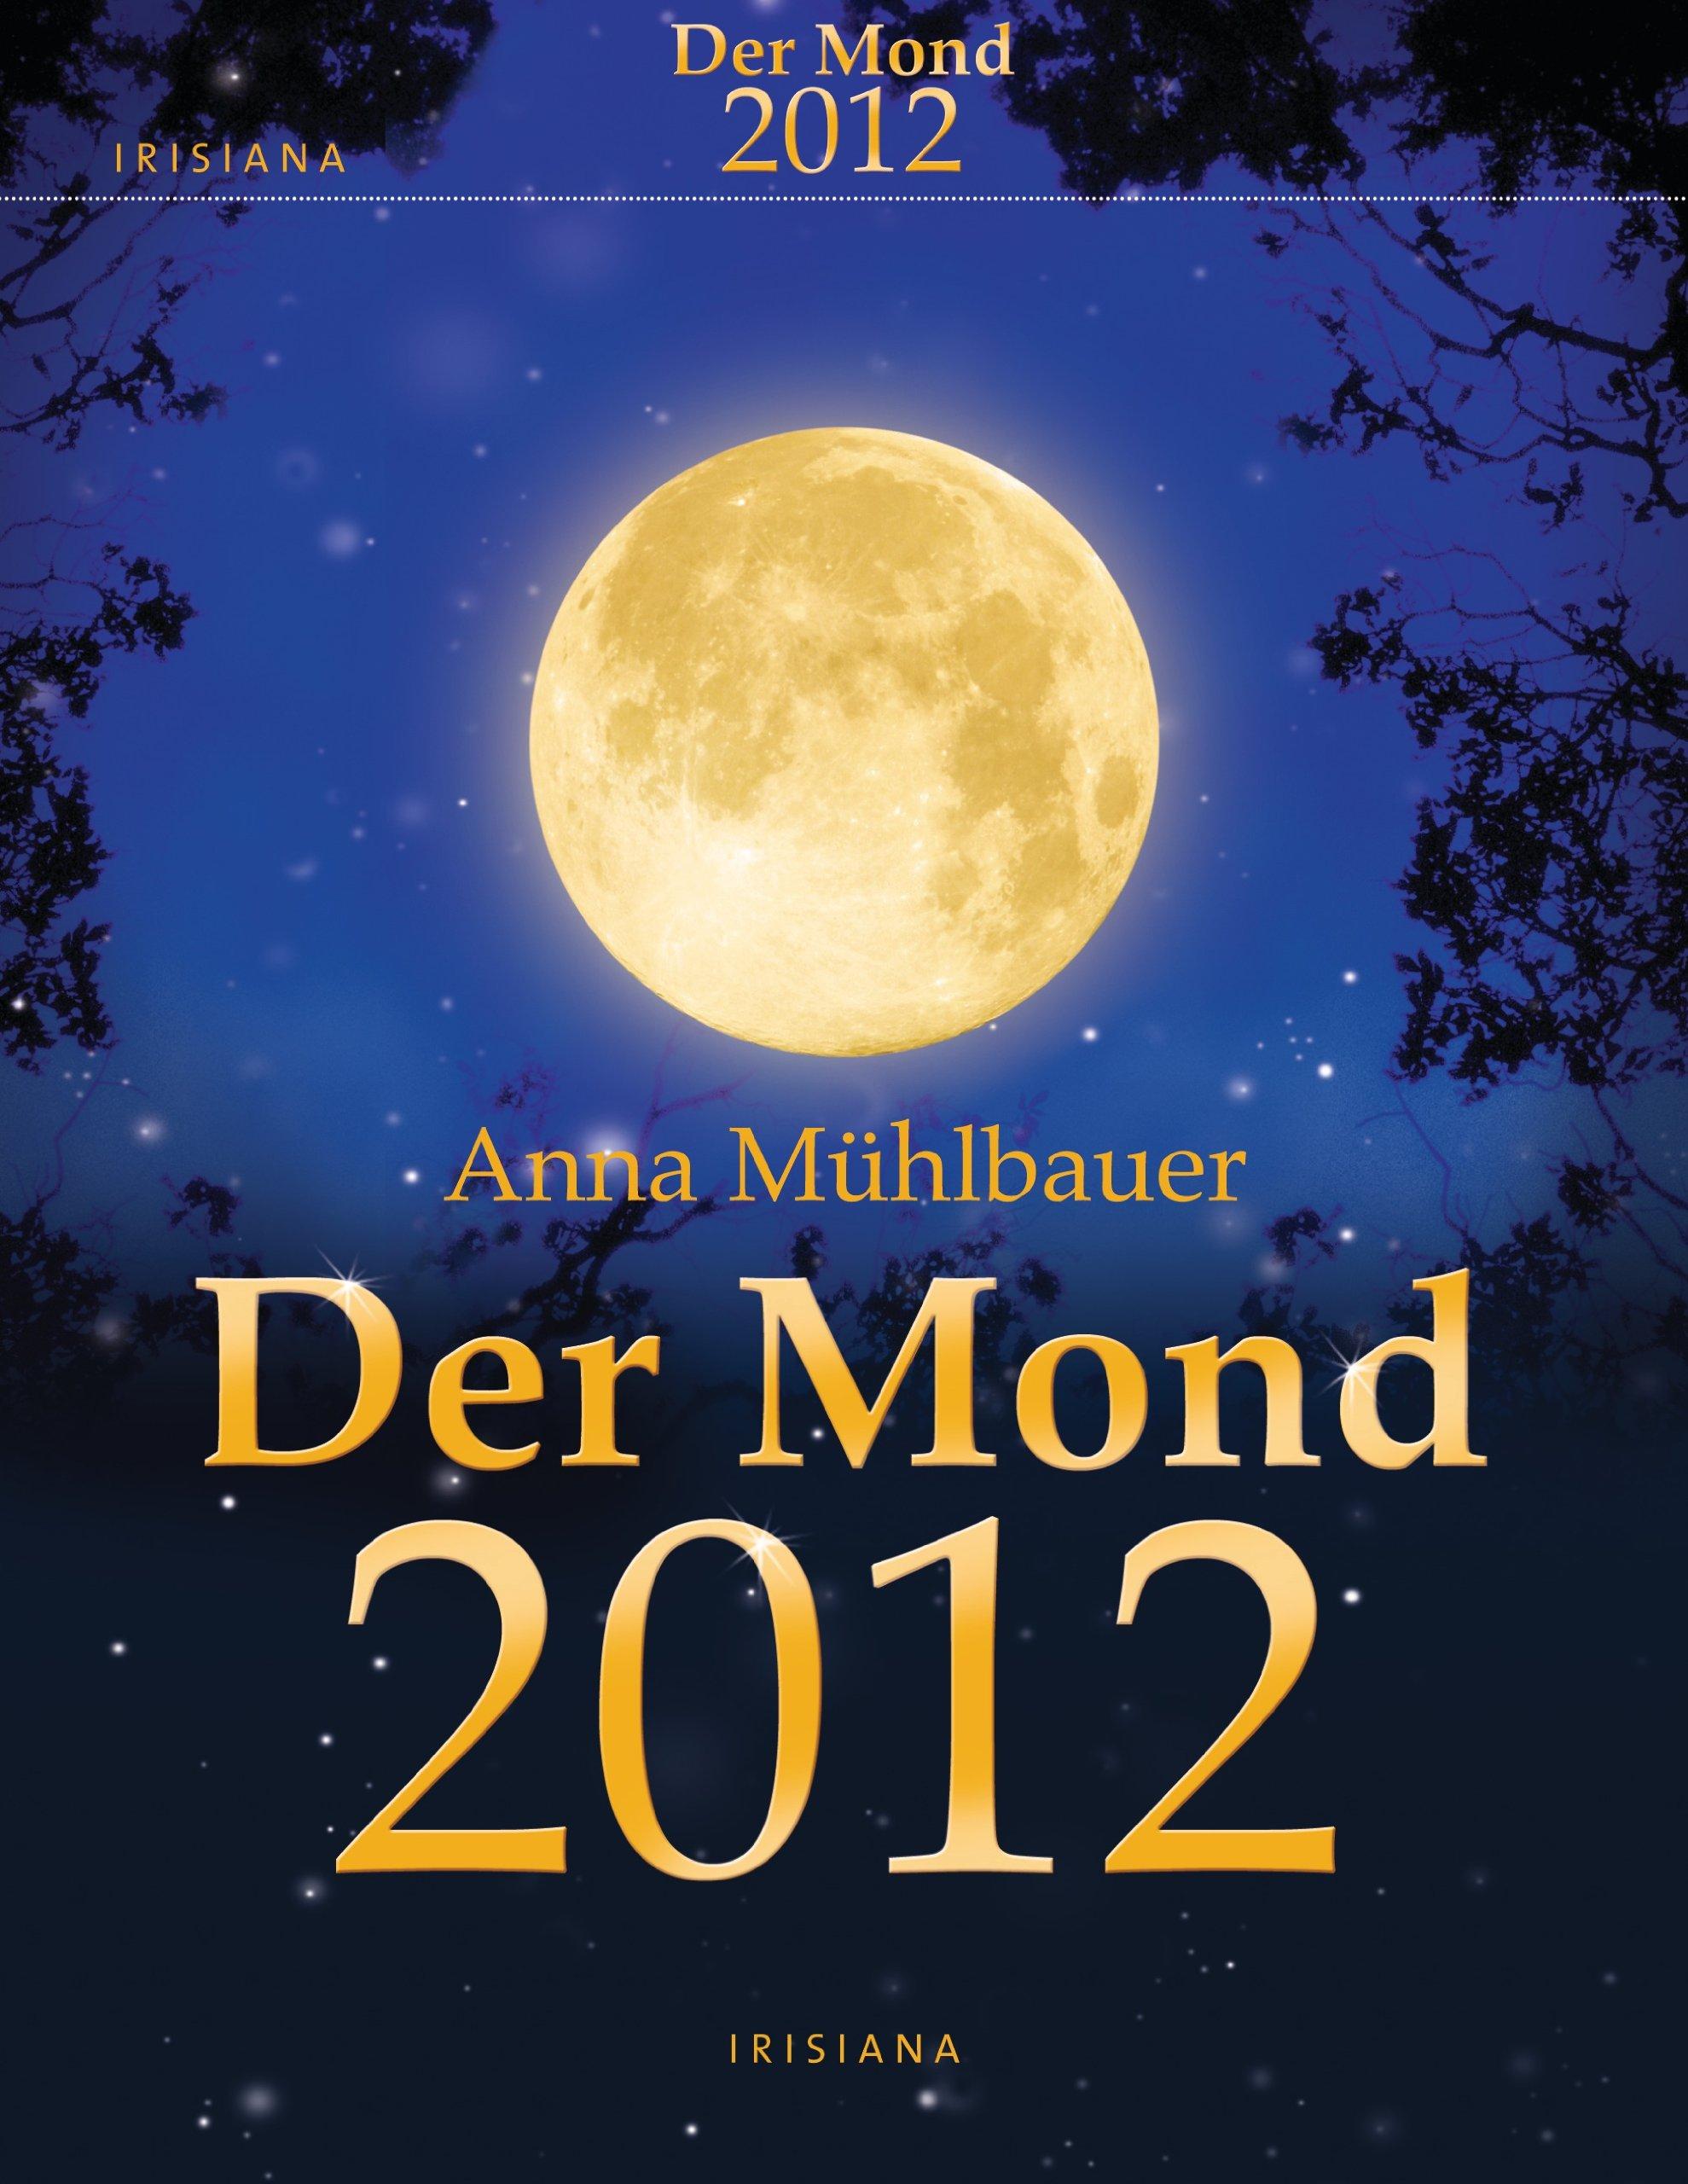 Der Mond 2012